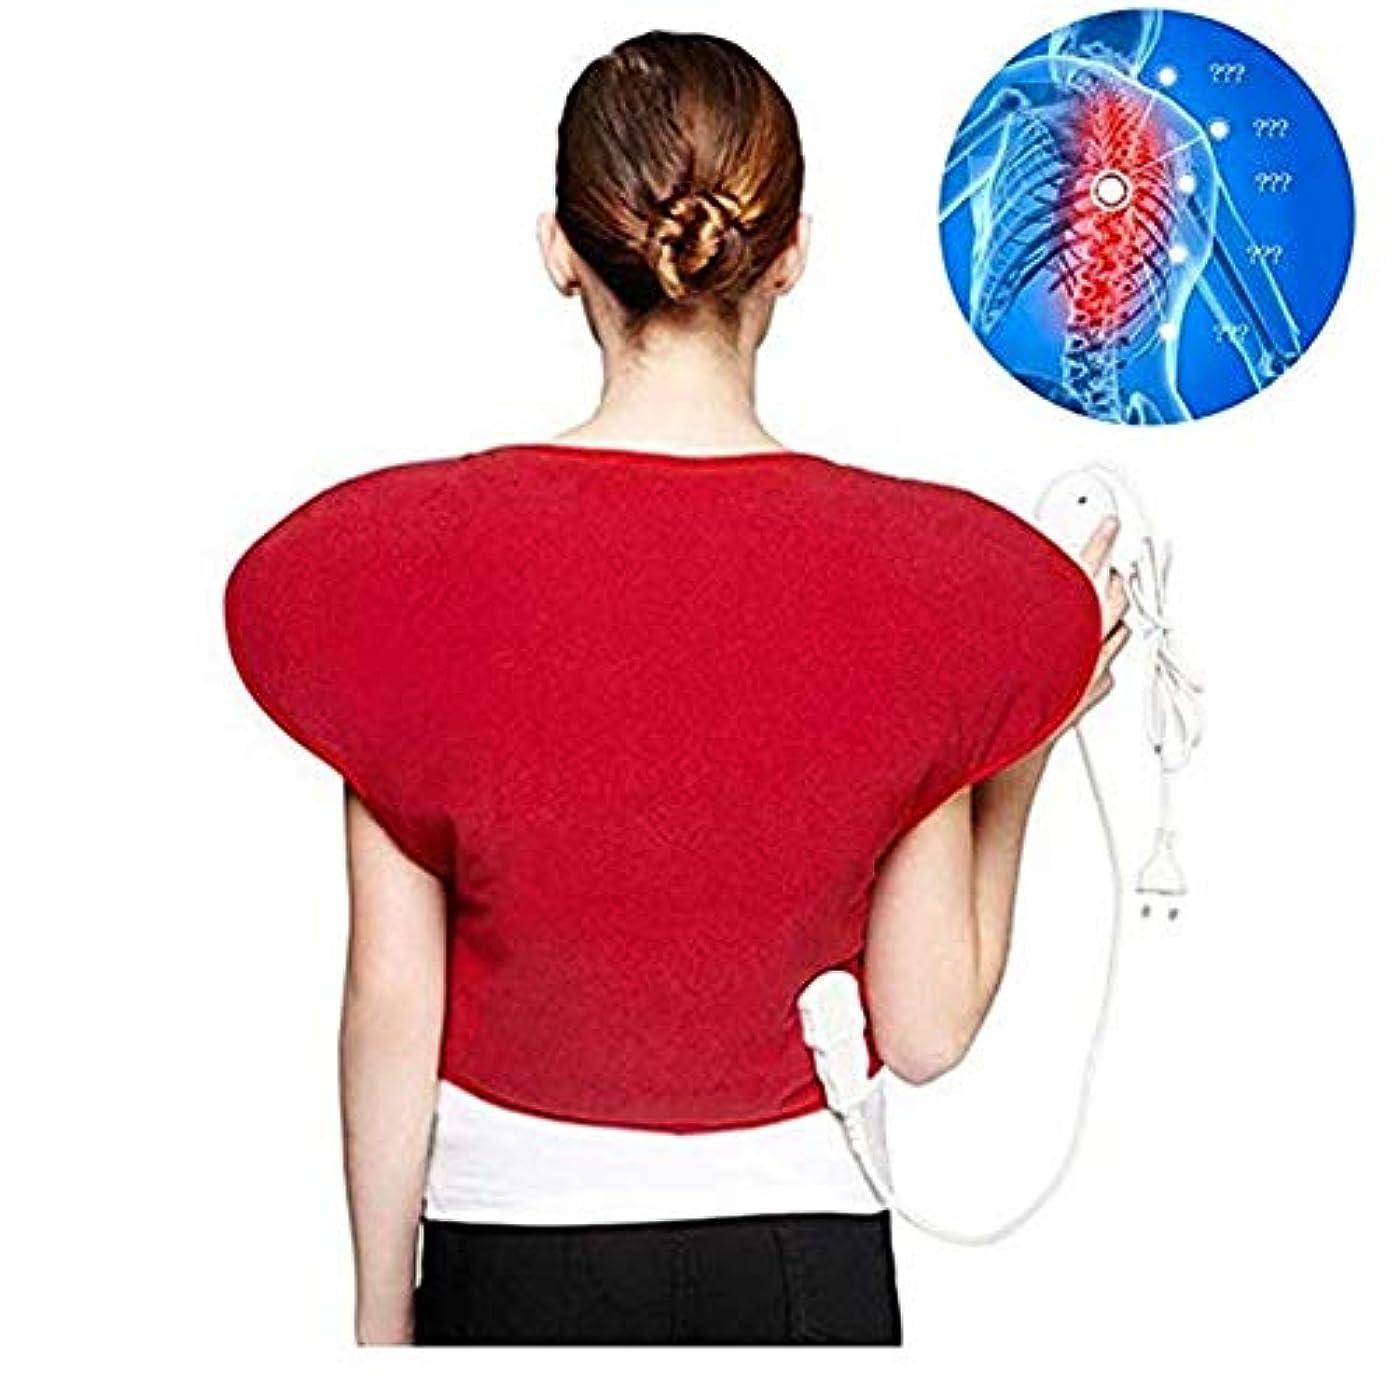 刺します精緻化ハンカチ肩と首の電気ヒーターパッド - 物理的な痛みの救済ホットヒートのベスト、3ファイル一定の温度、自動パワーオフ、医療用品蝶形のマッサージのヒートパッド